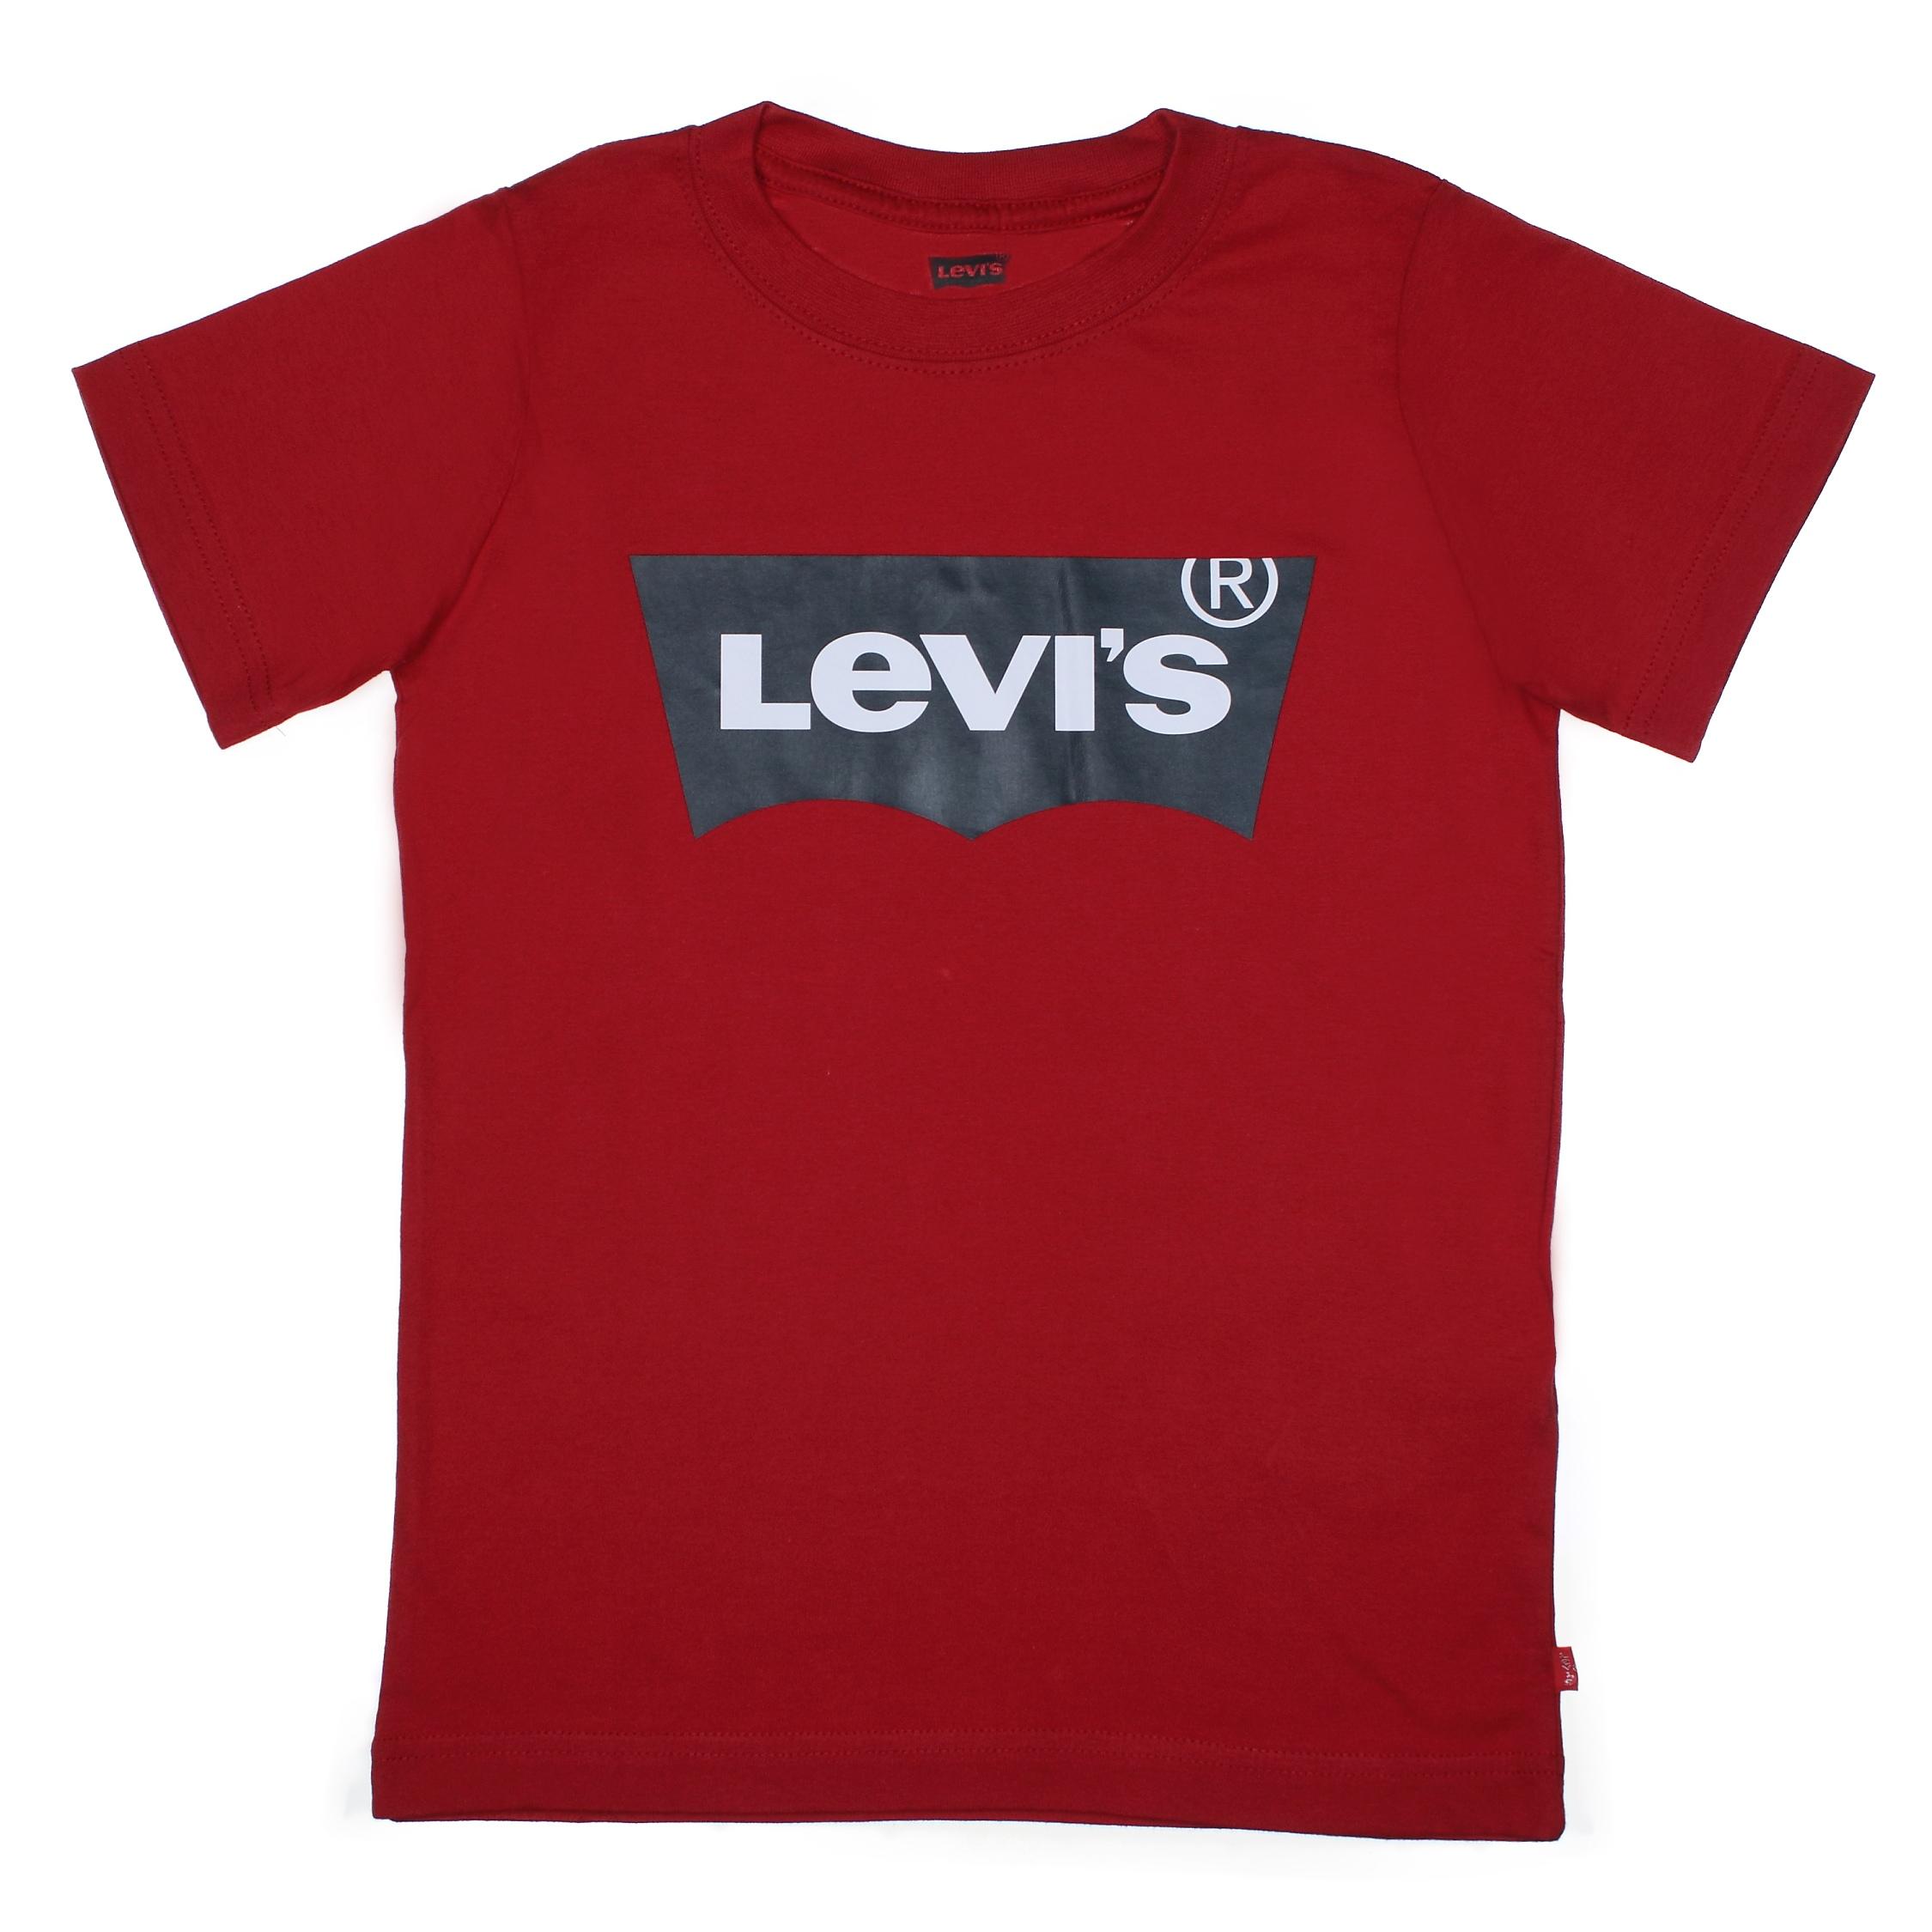 https://www.leadermode.com/183927/levi-s-kids-8157-r86-levis-red.jpg